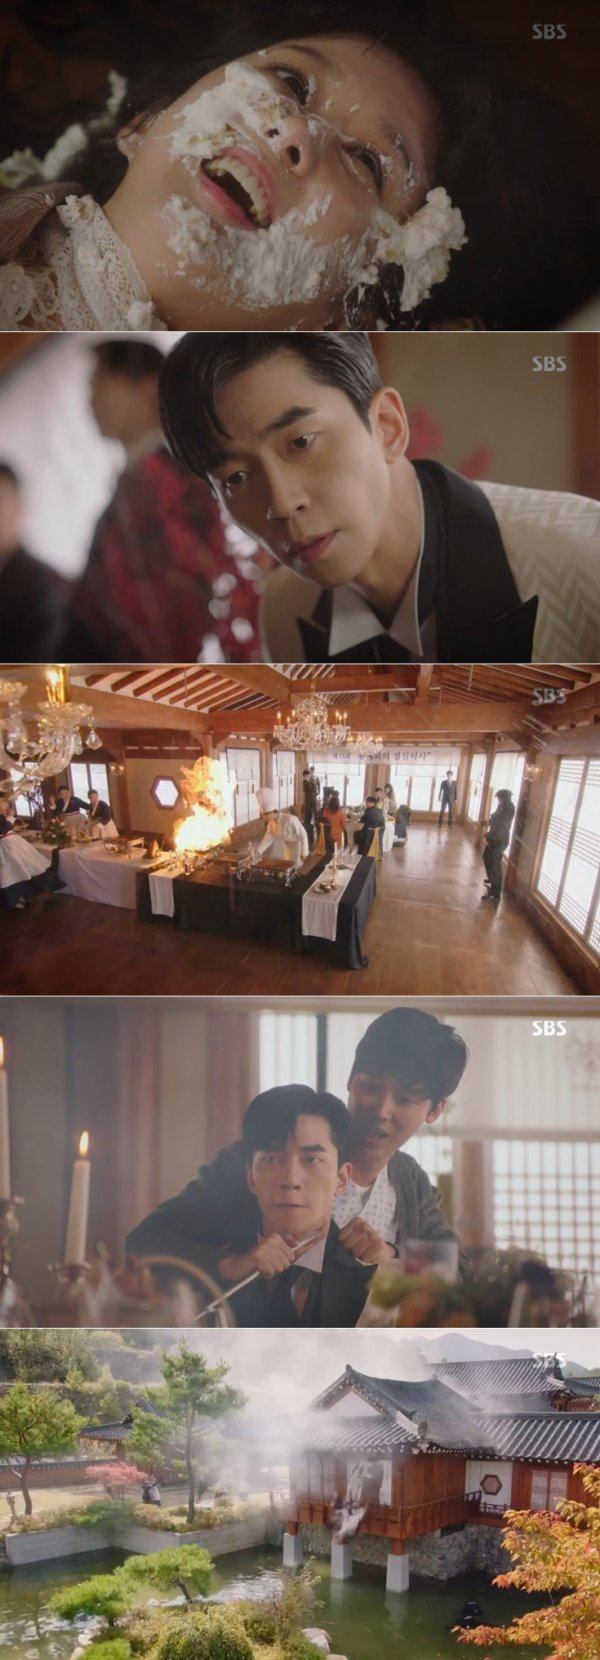 Cùng đề tài hoàng cung thời hiện đại, phim mới của Jang Na Ra sẽ là 'Goong' phiên bản người lớn, đen tối hơn